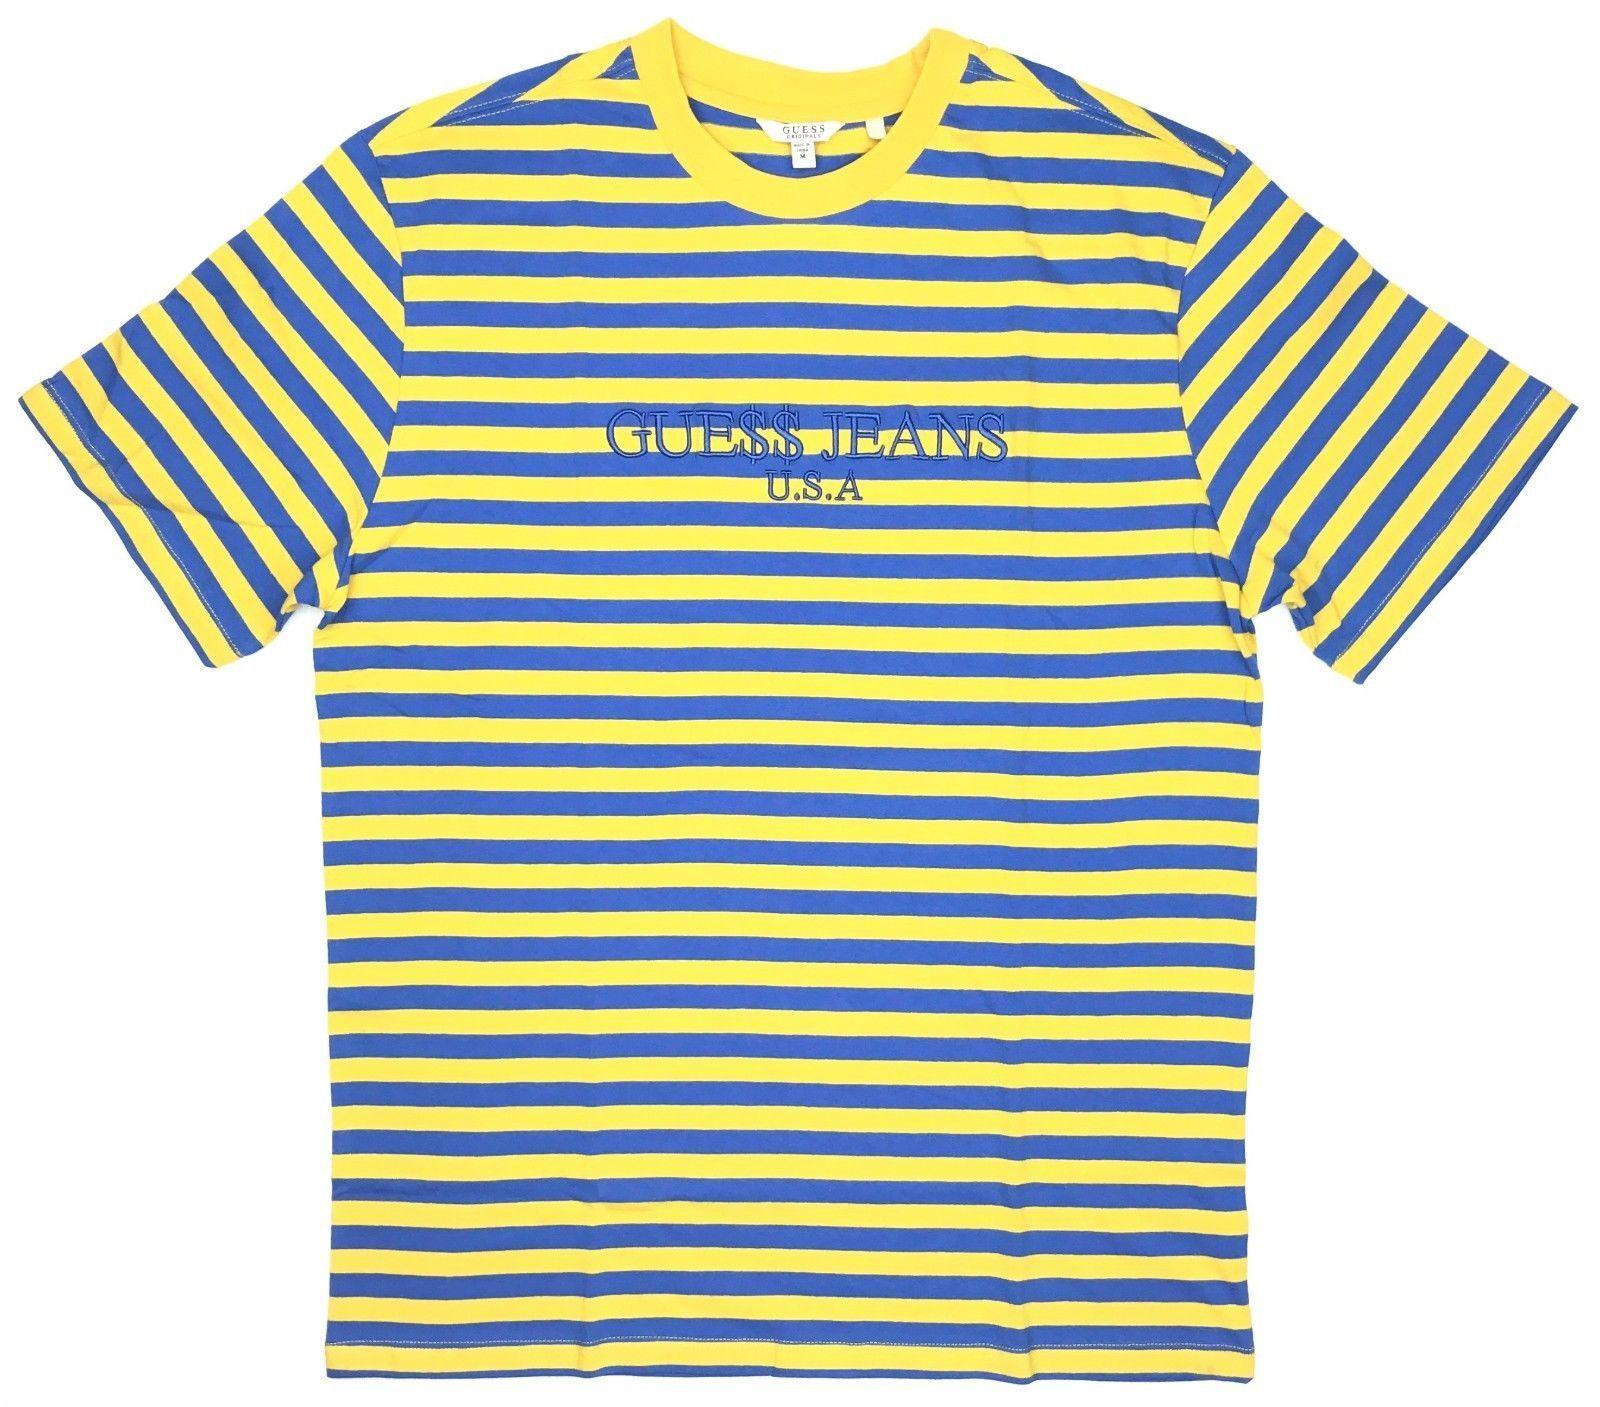 guess t shirt asap